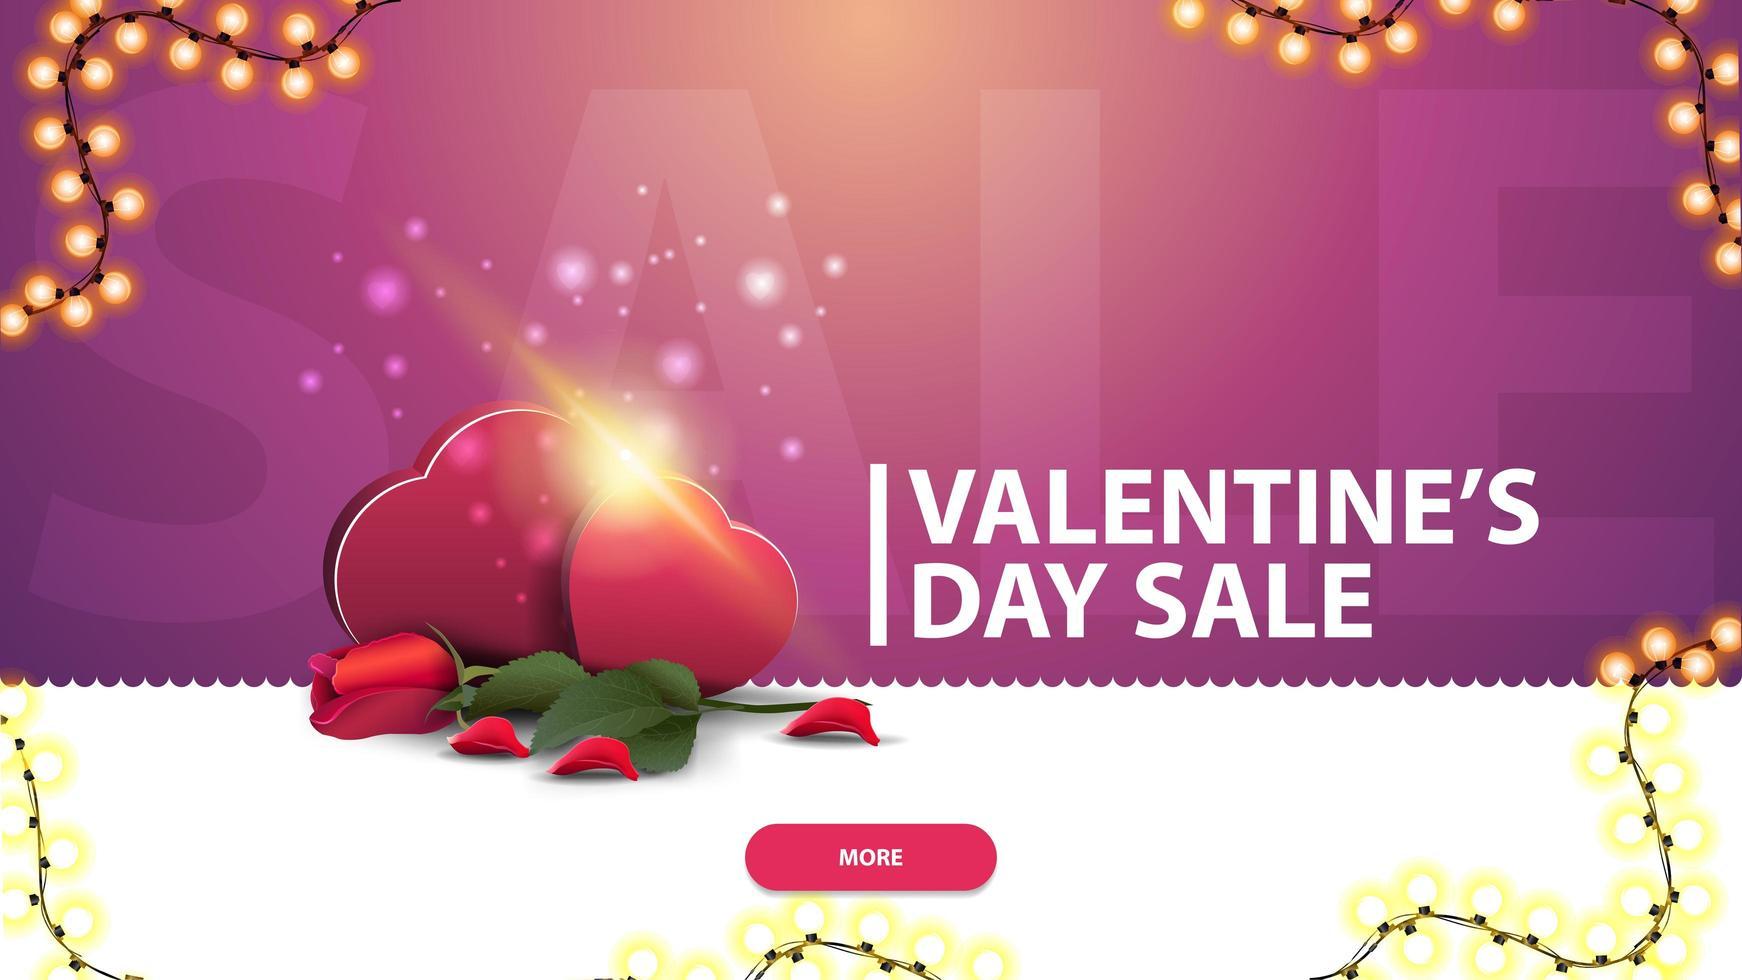 Alla hjärtans dag försäljning, rosa rabatt banner för webbplats vektor